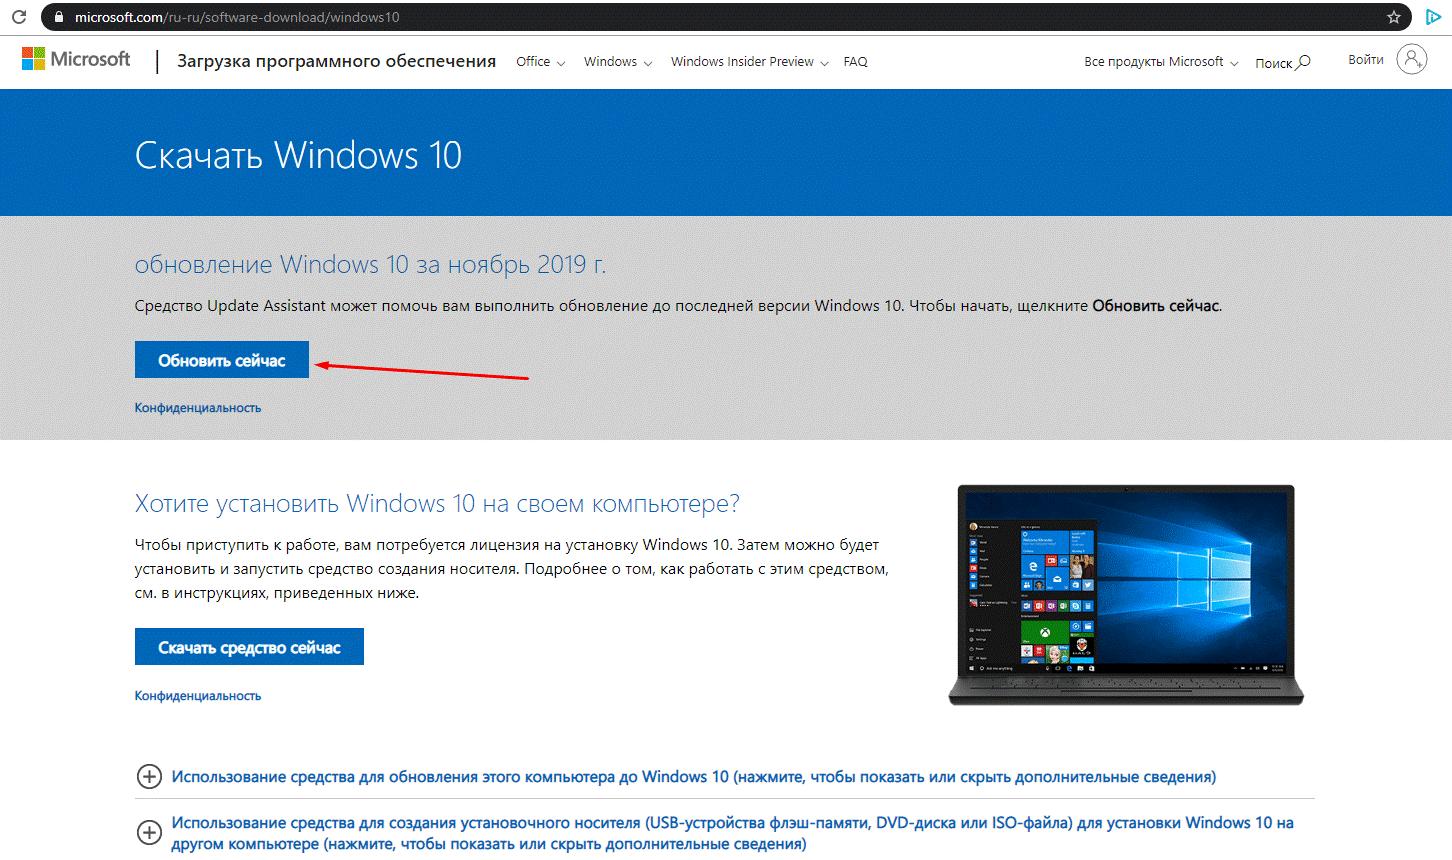 Как исправить ошибку Set user settings to driver failed обновлением системы